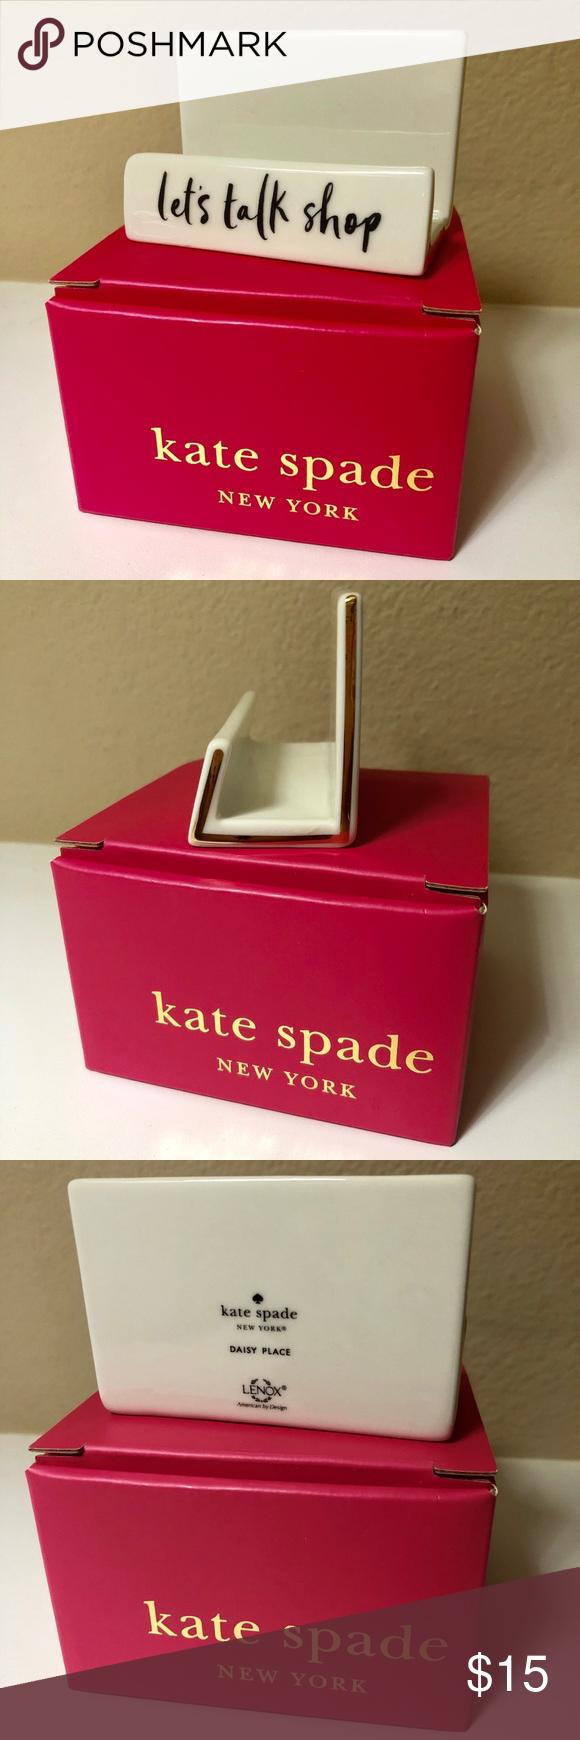 Kate Spade Ny Desktop Business Card Holder Kate Spade Business Card Holders Kate Spade Ny